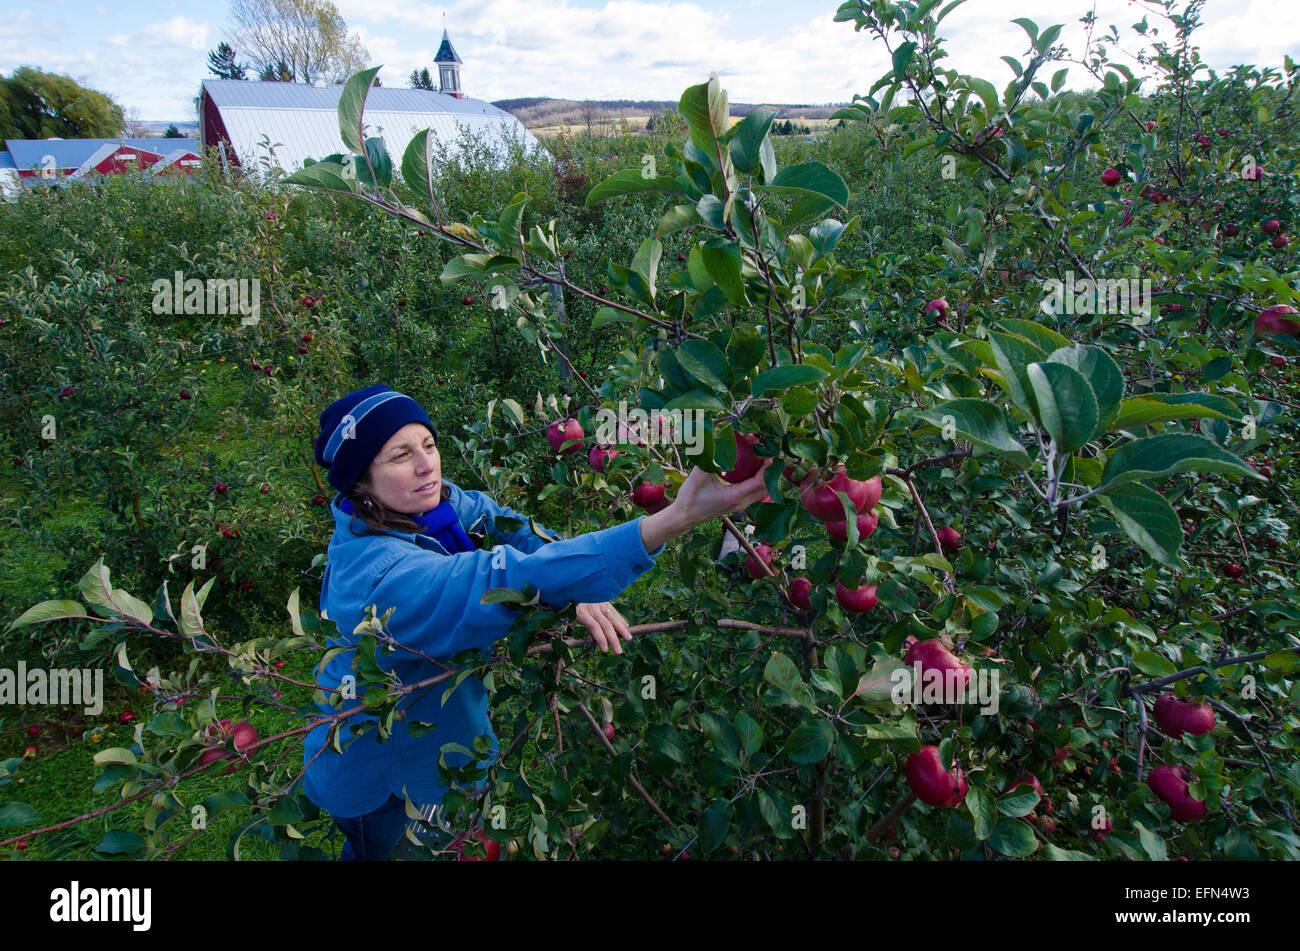 Un apritoio sale una scala per sradicare la frutta fresca da un albero di mele in un frutteto a Lafayette, New York. Immagini Stock